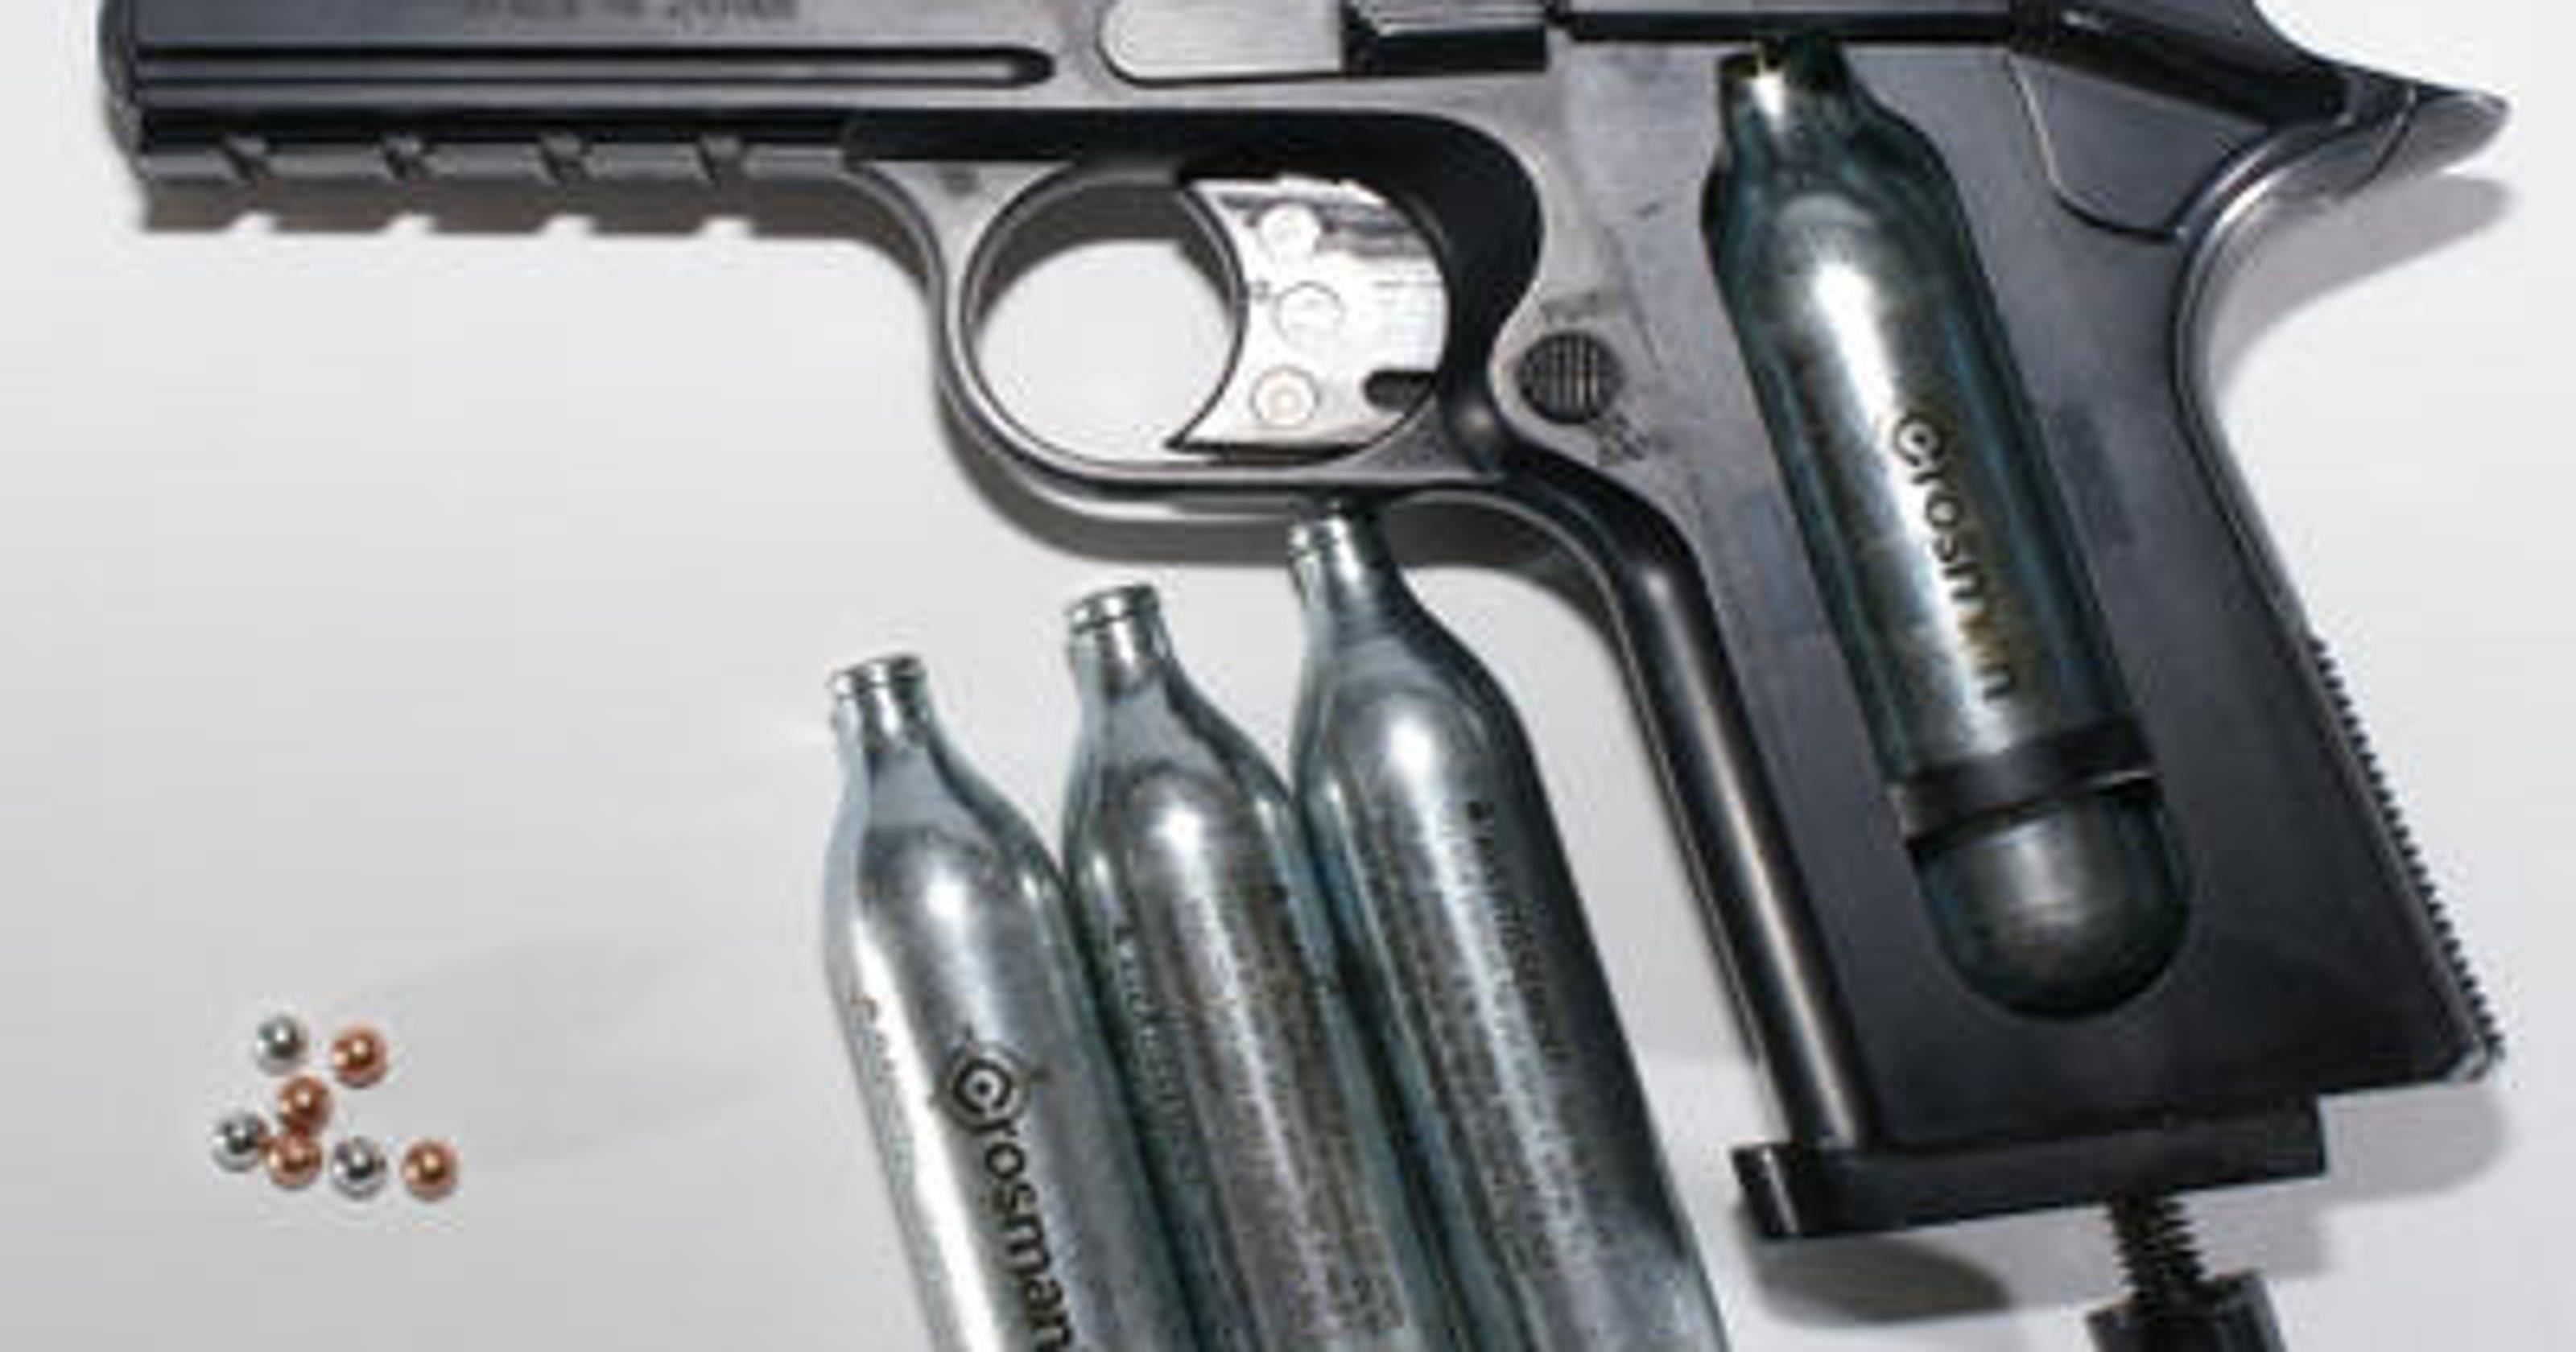 Carmel committee snuffs air gun restrictions